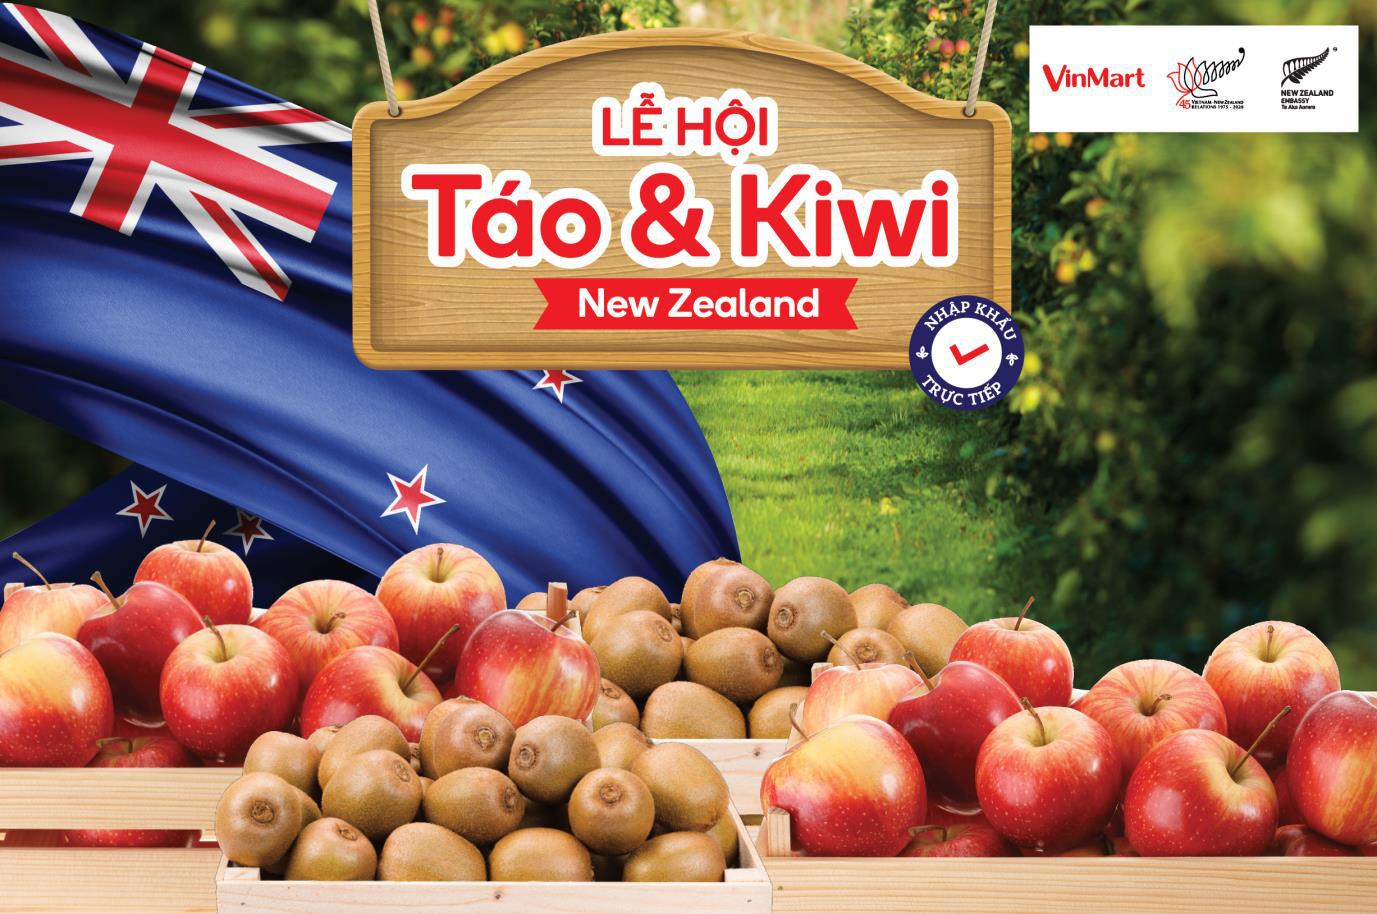 """VinMart tổ chức """"Lễ hội Táo và Kiwi nhập khẩu từ New Zealand"""" - Ảnh 1."""